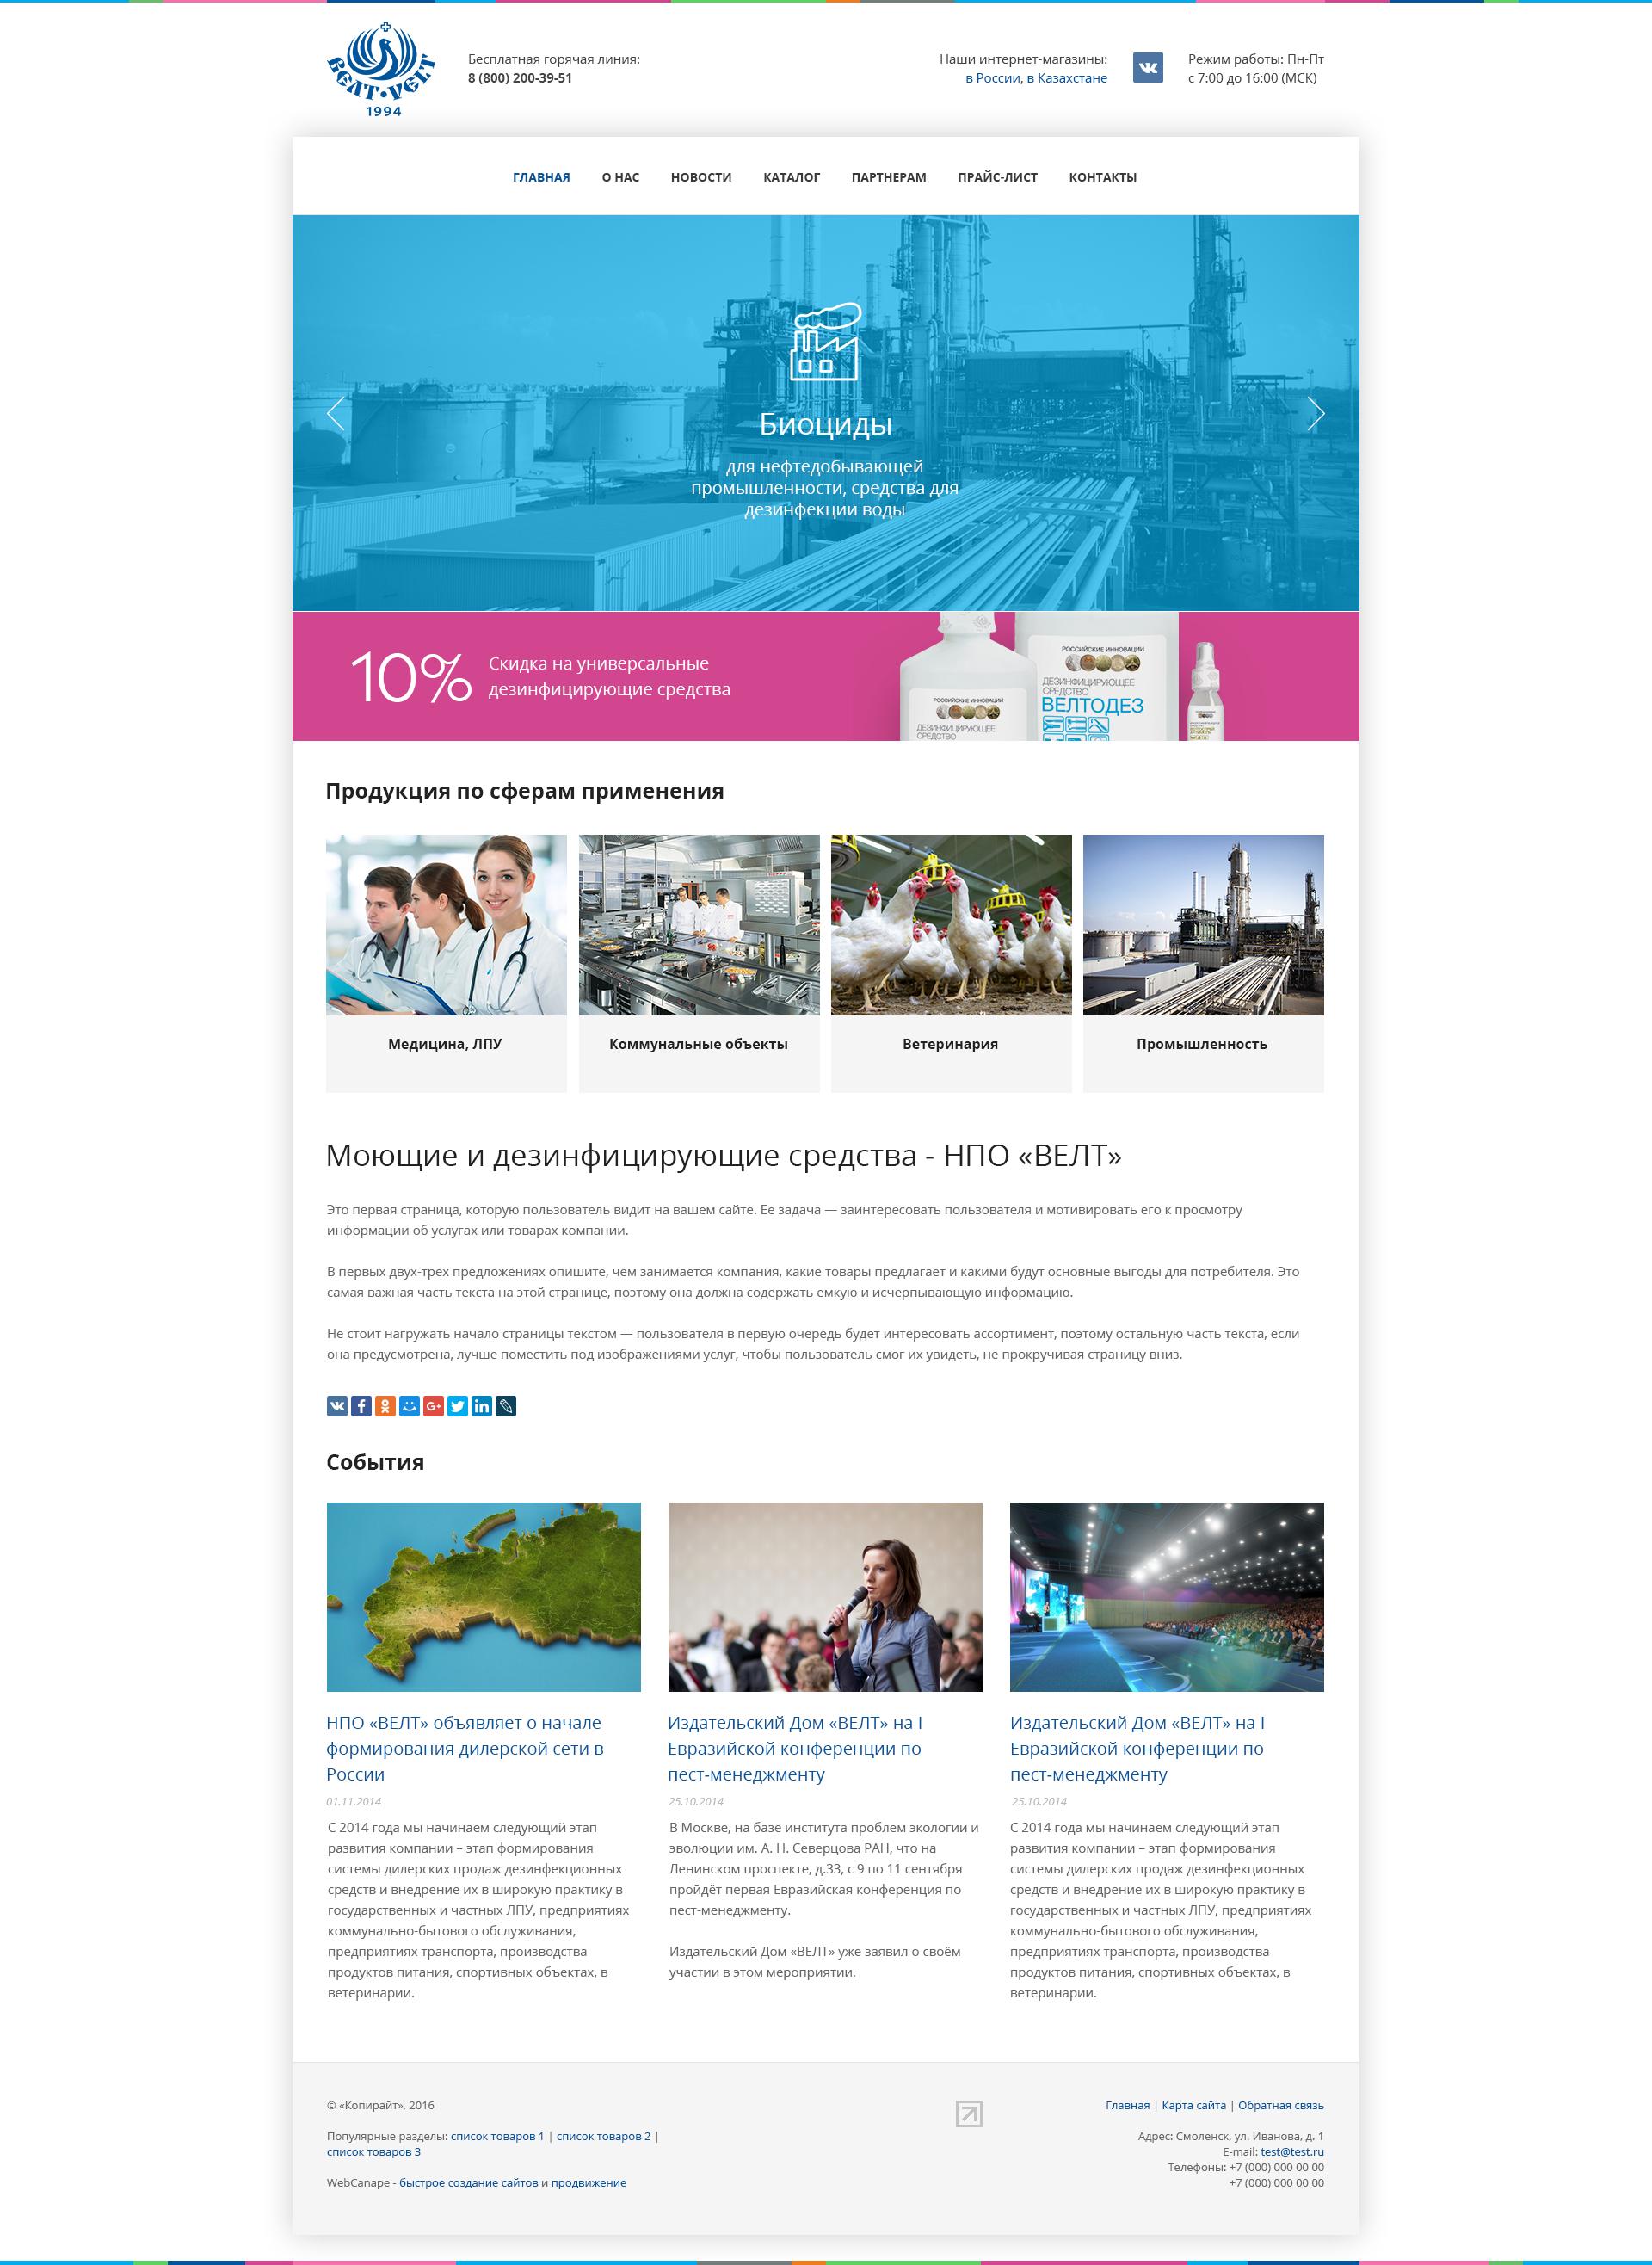 Разработка сайта для компании по производству дезинфицирующих средств